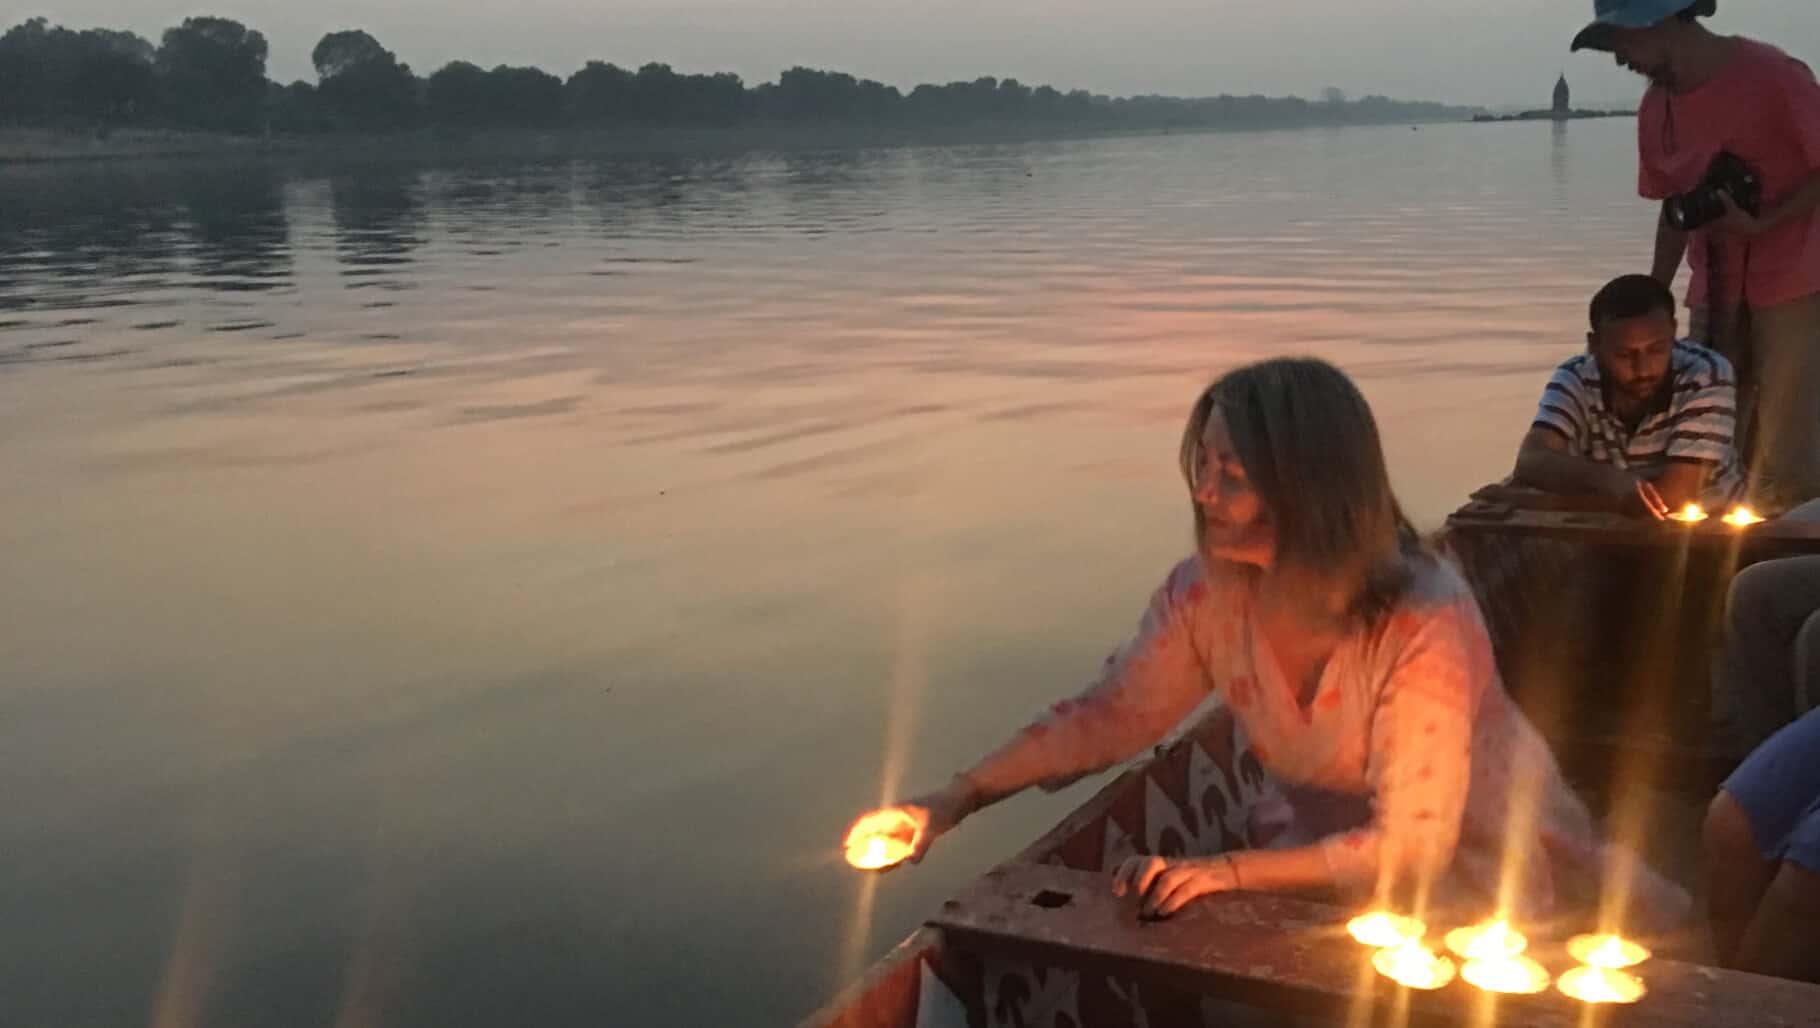 MW mindful travel magic moment